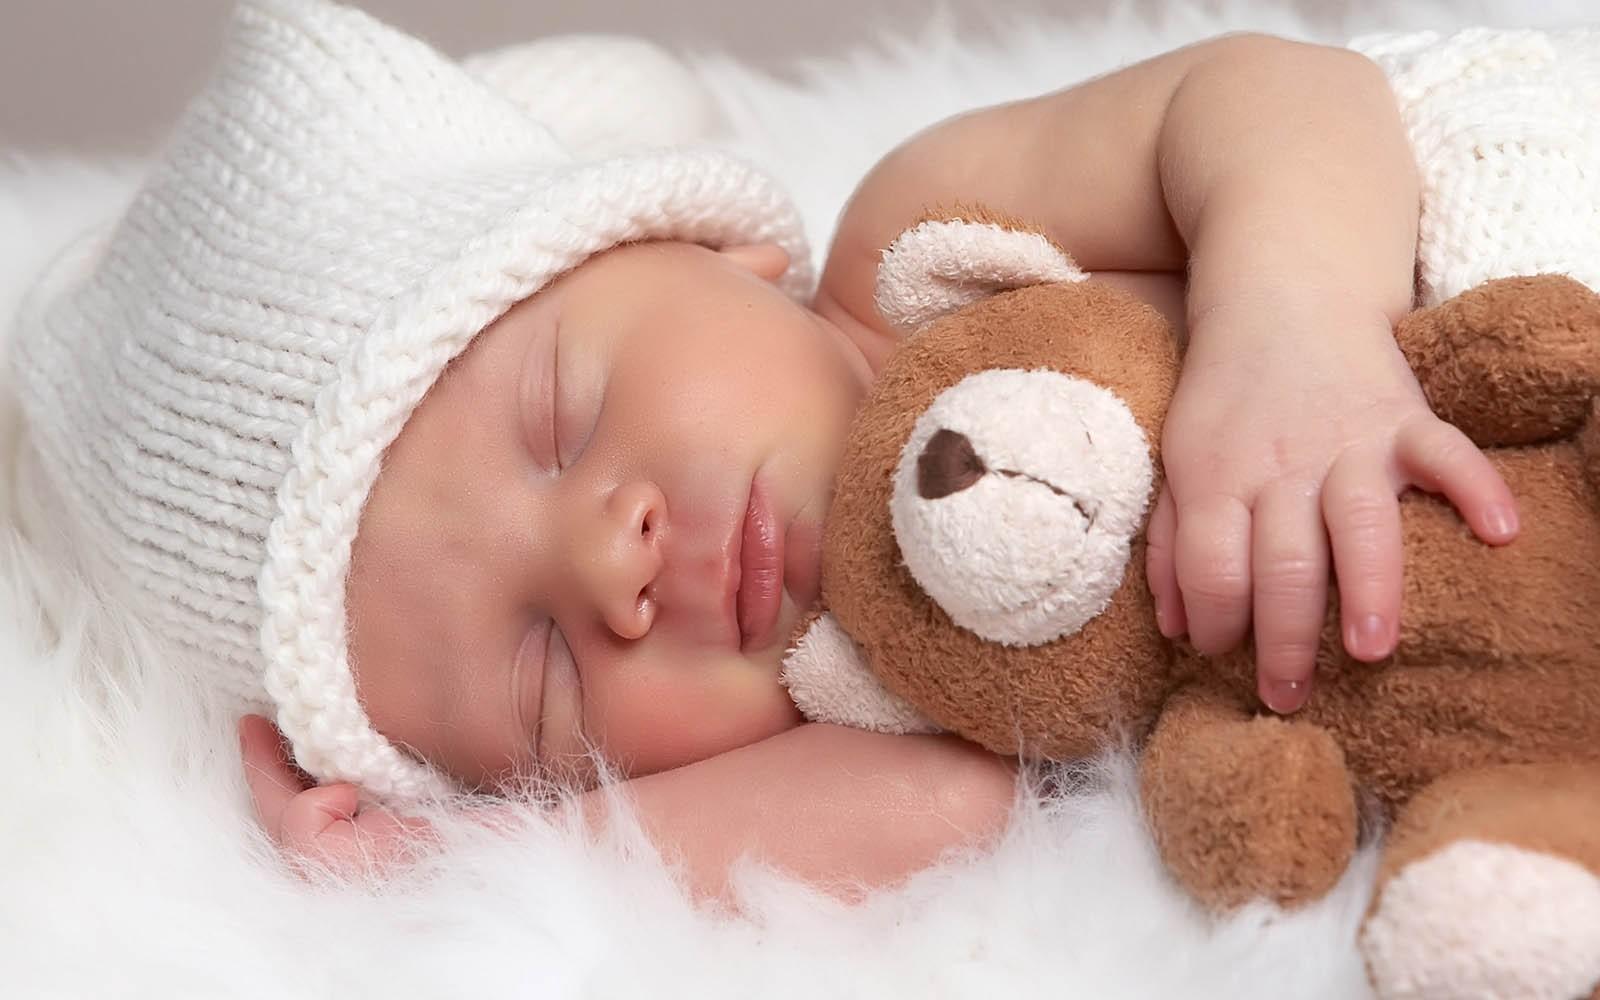 معایناتی که باید بر روی تمام نوزادان انجام شود